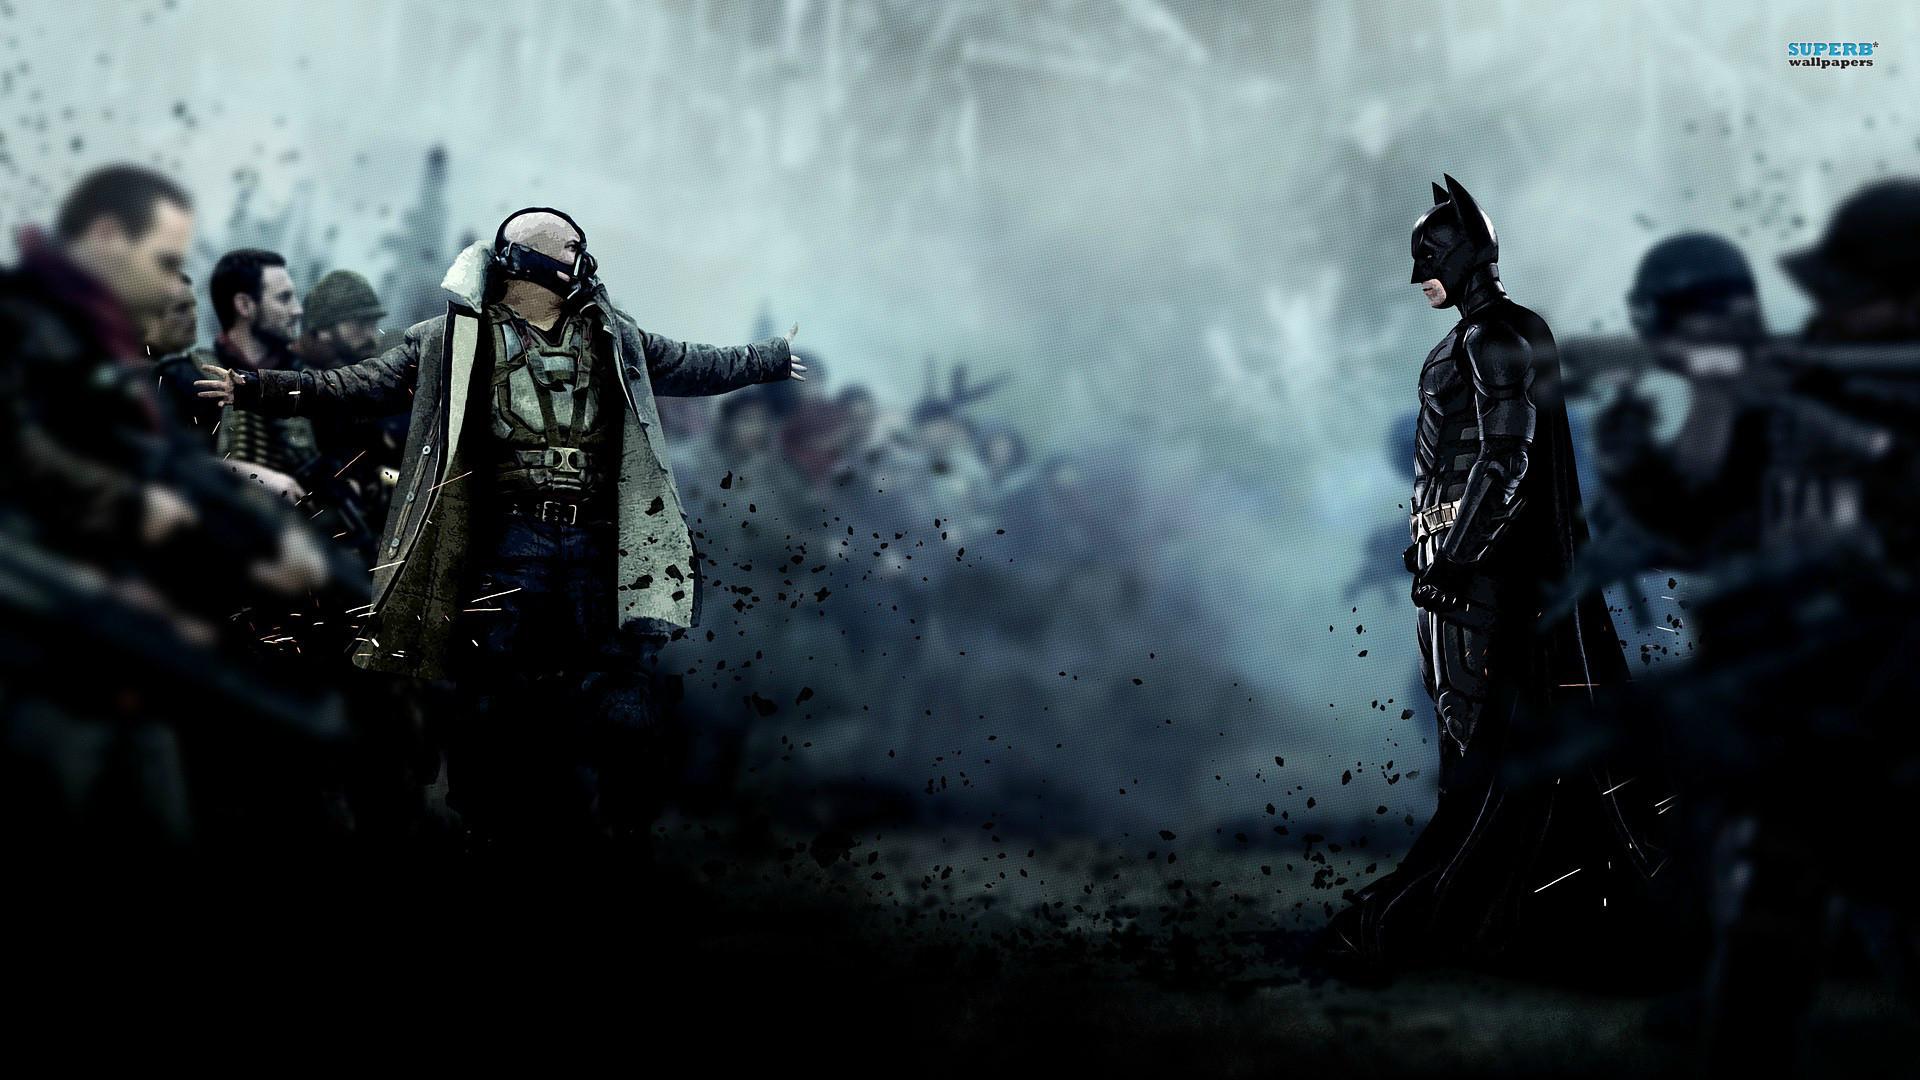 The Dark Knight HD desktop wallpaper Widescreen High Definition | HD  Wallpapers | Pinterest | Wallpaper and Hd desktop